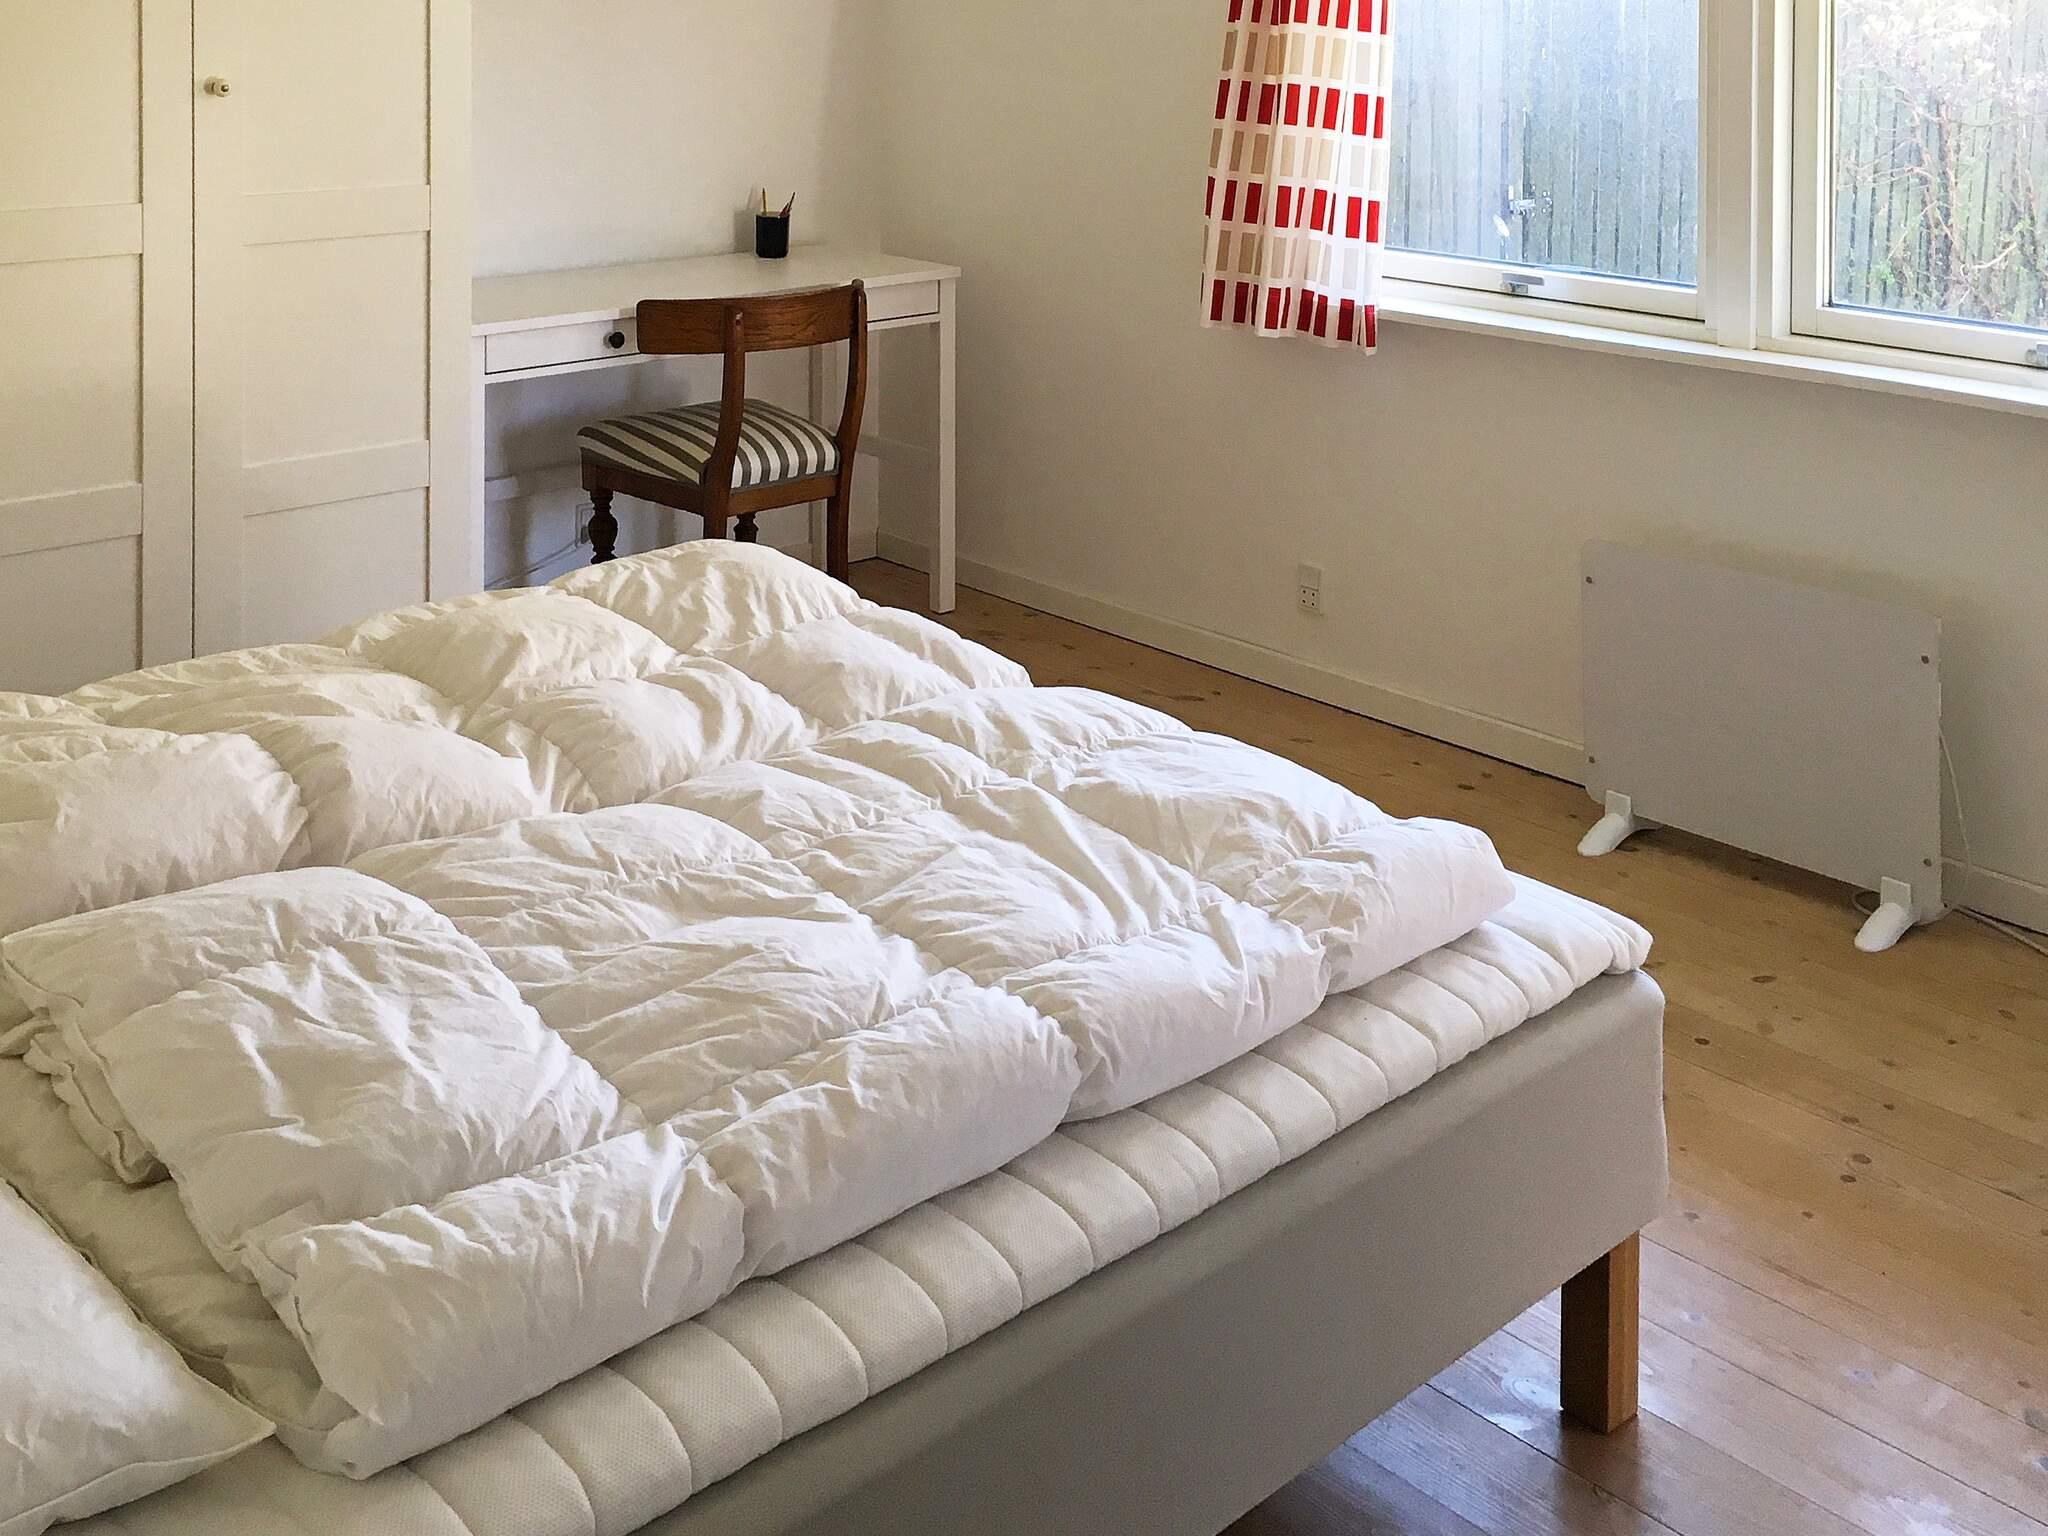 Ferienhaus Udsholt Strand (2584321), Udsholt, , Nordseeland, Dänemark, Bild 6